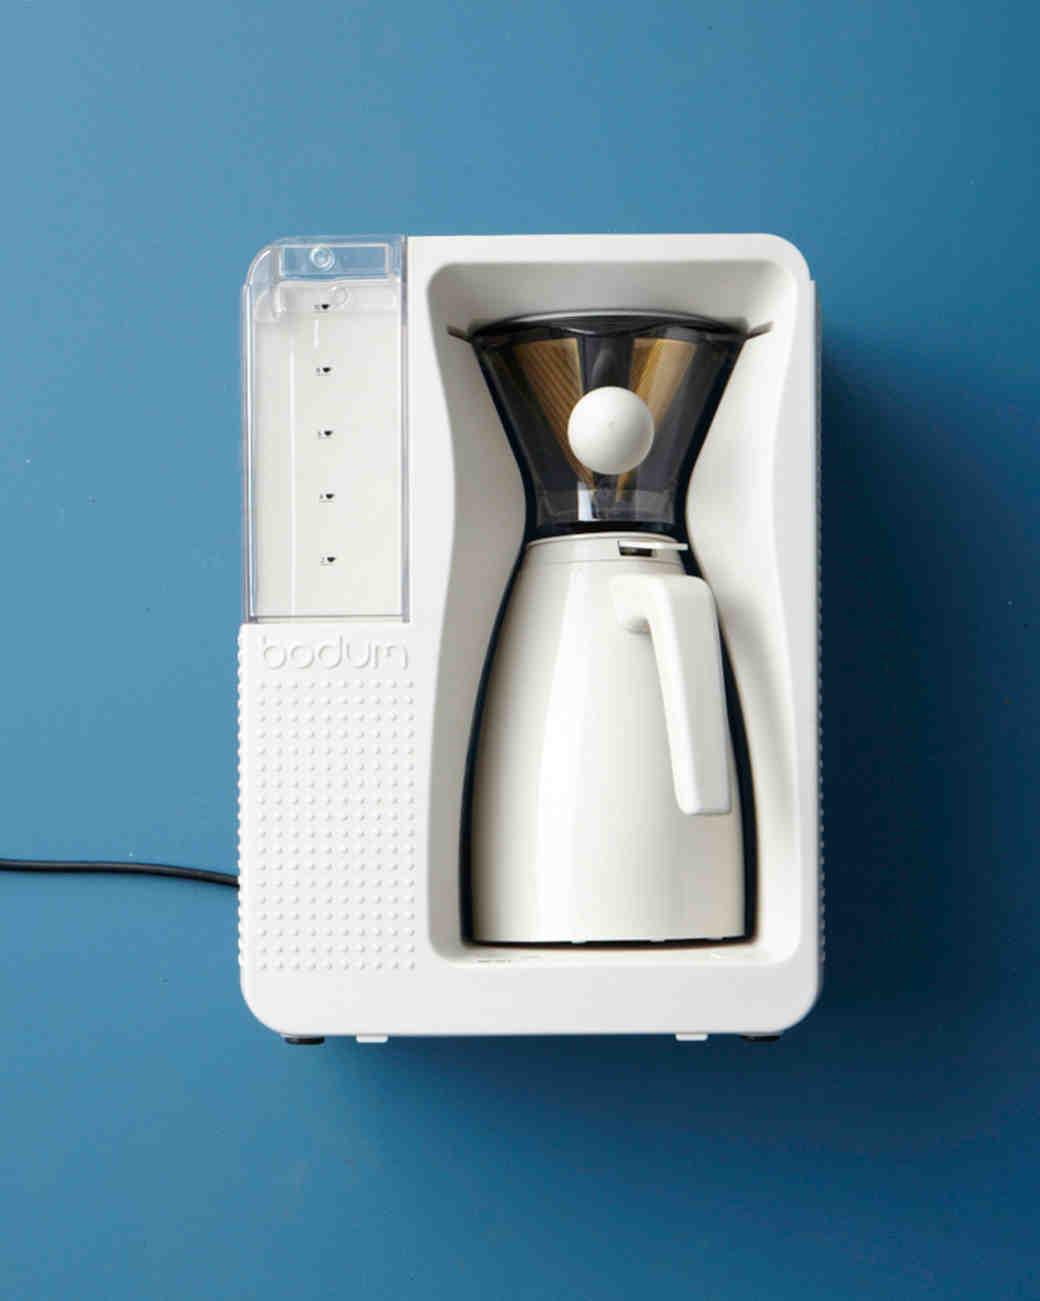 registry-bodun-coffee-maker-001-wd108979.jpg